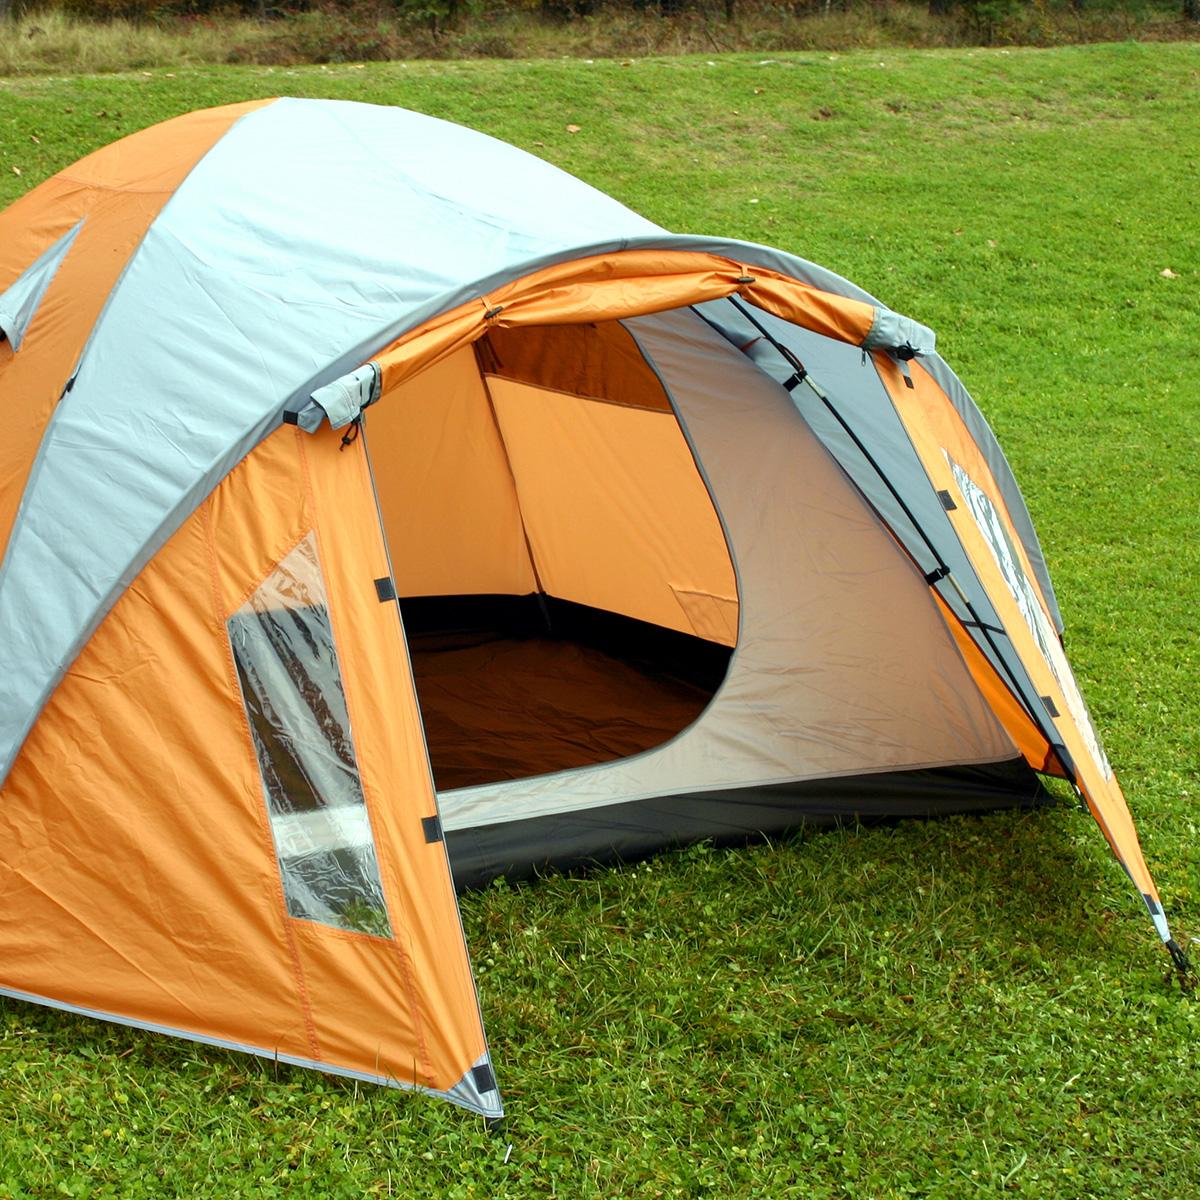 Zelt Zum Klettern : Montis hq ohio p camping zelt kg ebay